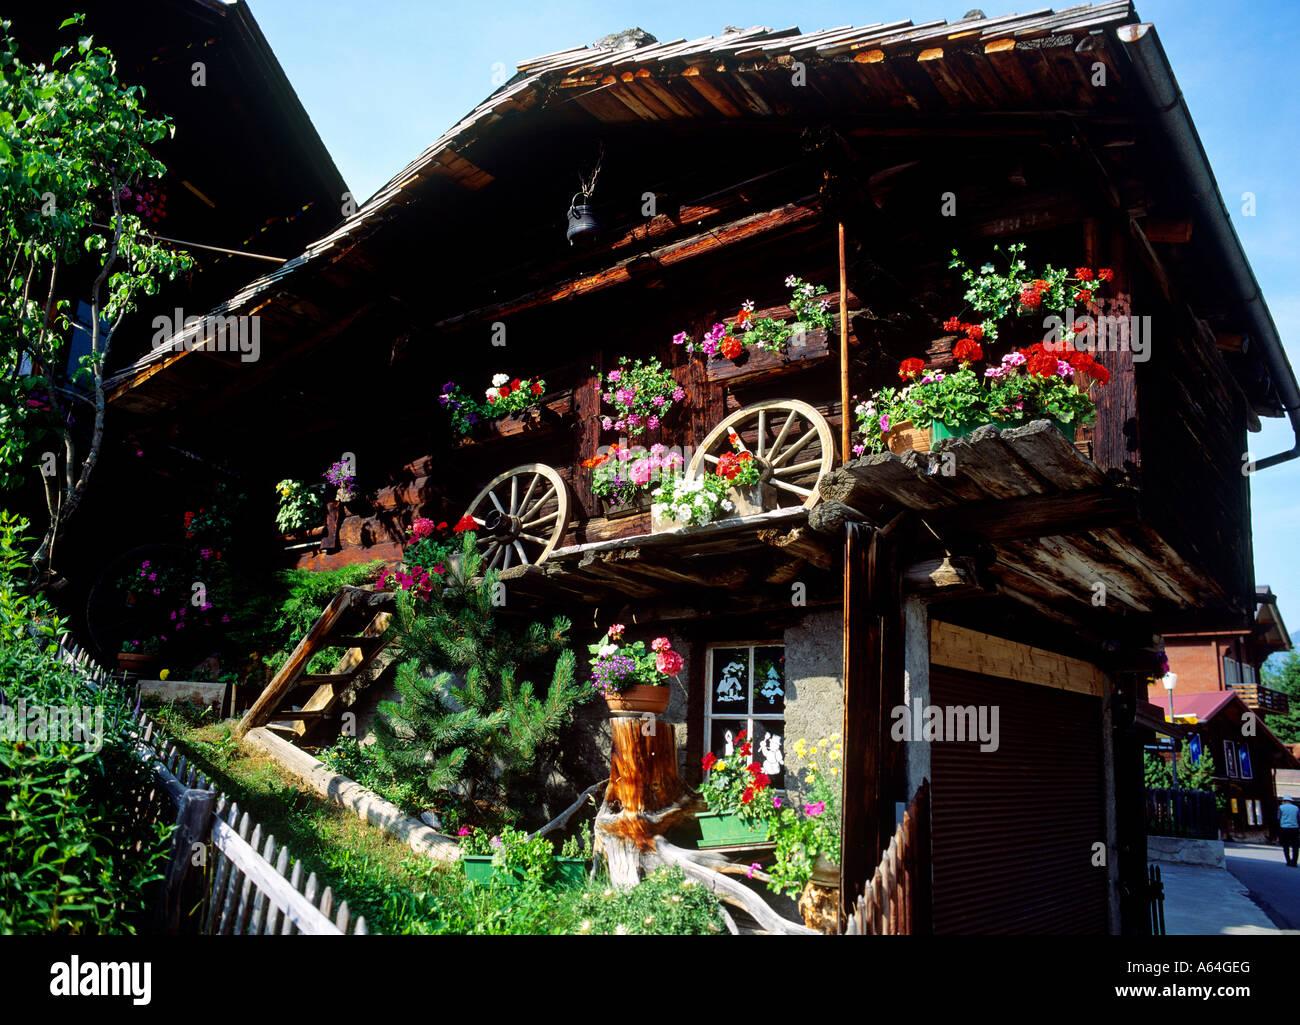 Tradizionale ornato di fiori sparso villaggio della regione murren di Altopiano bernese swiss alpes cantone di Berna Immagini Stock